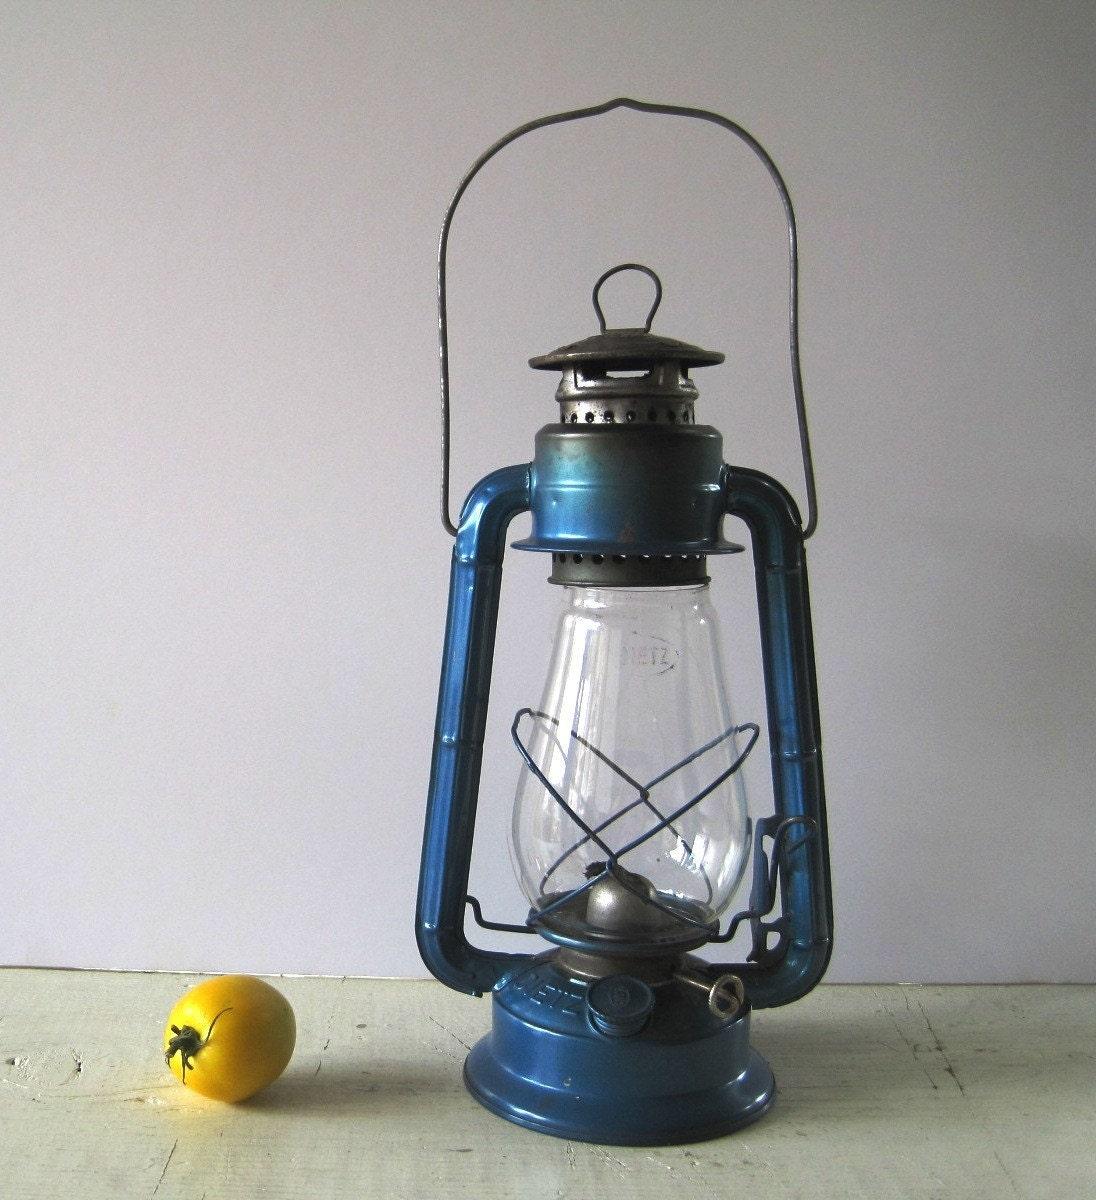 Teal Blue Vintage Dietz Lantern